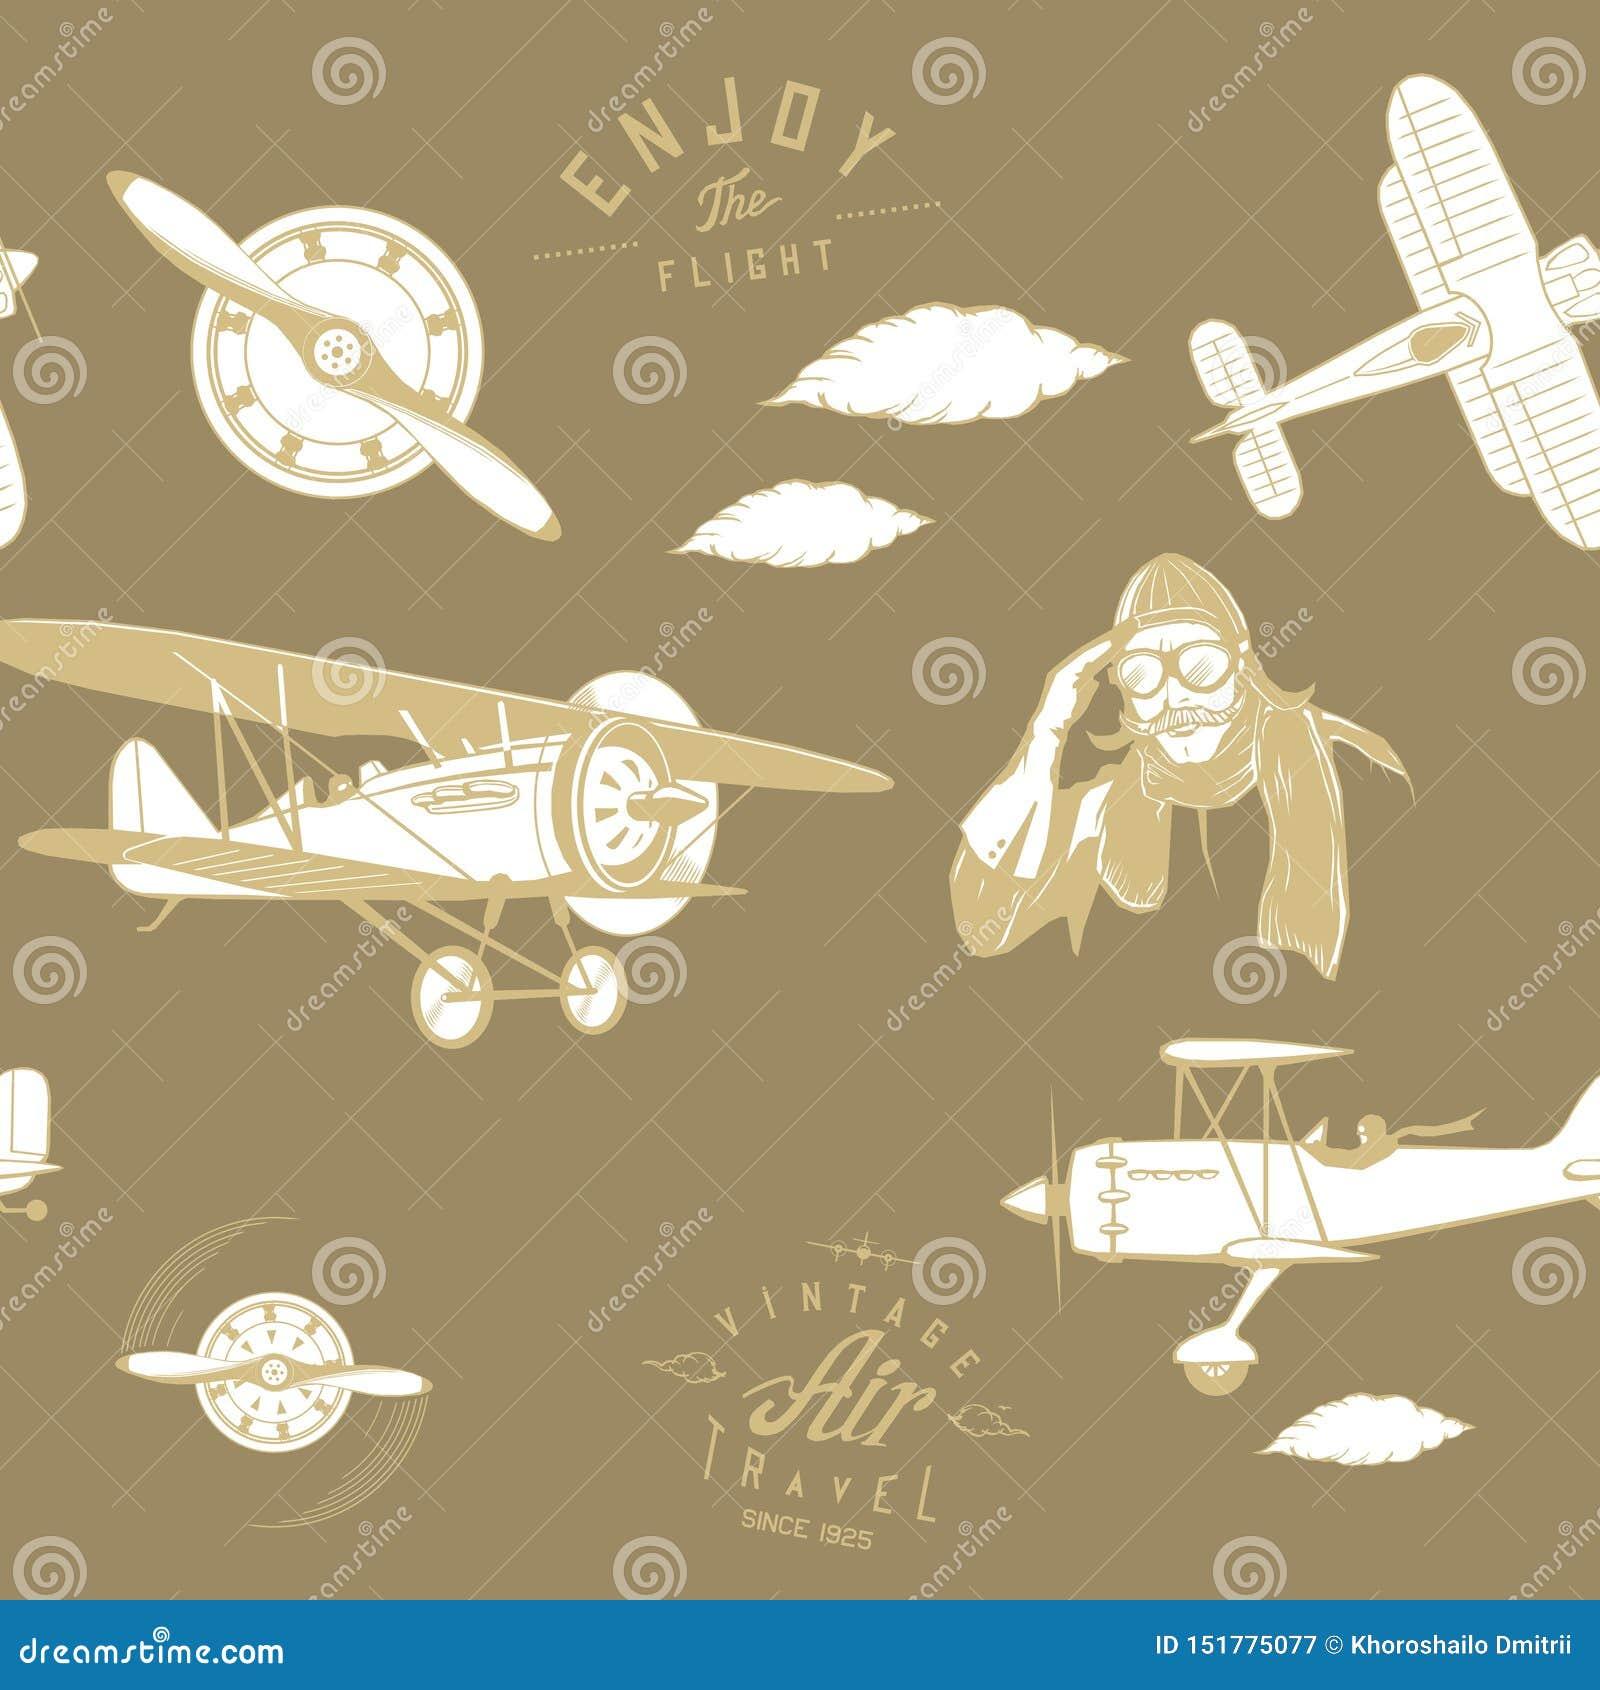 航空样式褐色无缝的组合图案减速火箭的葡萄酒